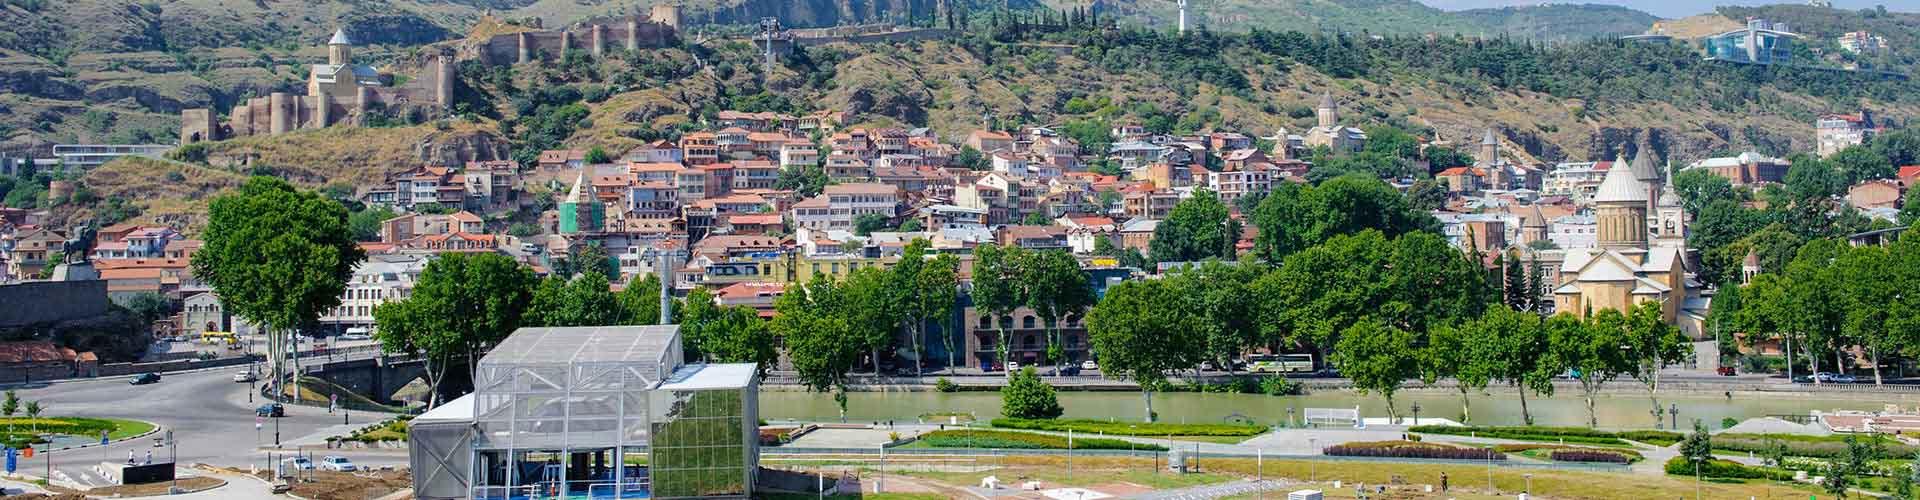 Tbiliszi - Ifjúsági Szállások Tbilisziben. Tbiliszi térképek, fotók és ajánlások minden egyes ifjúsági szállásokra Tbiliszi-ben.